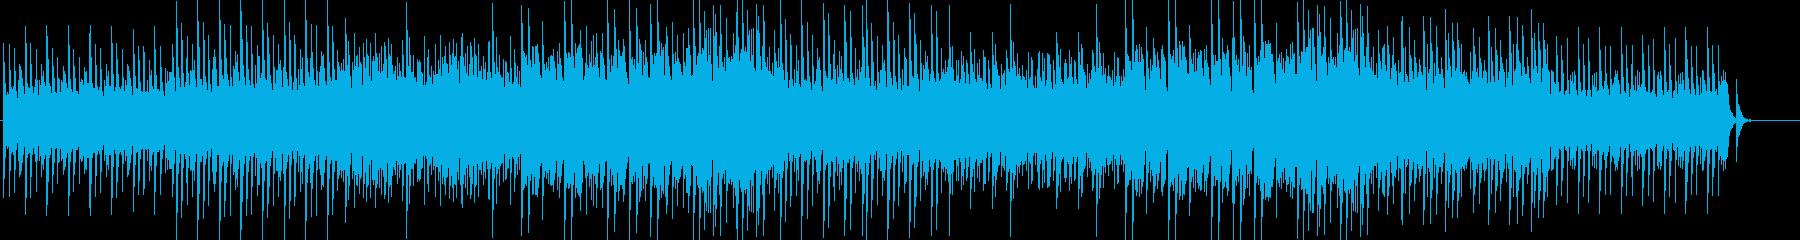 [弦なし]シンプルで洗練された雰囲気の曲の再生済みの波形